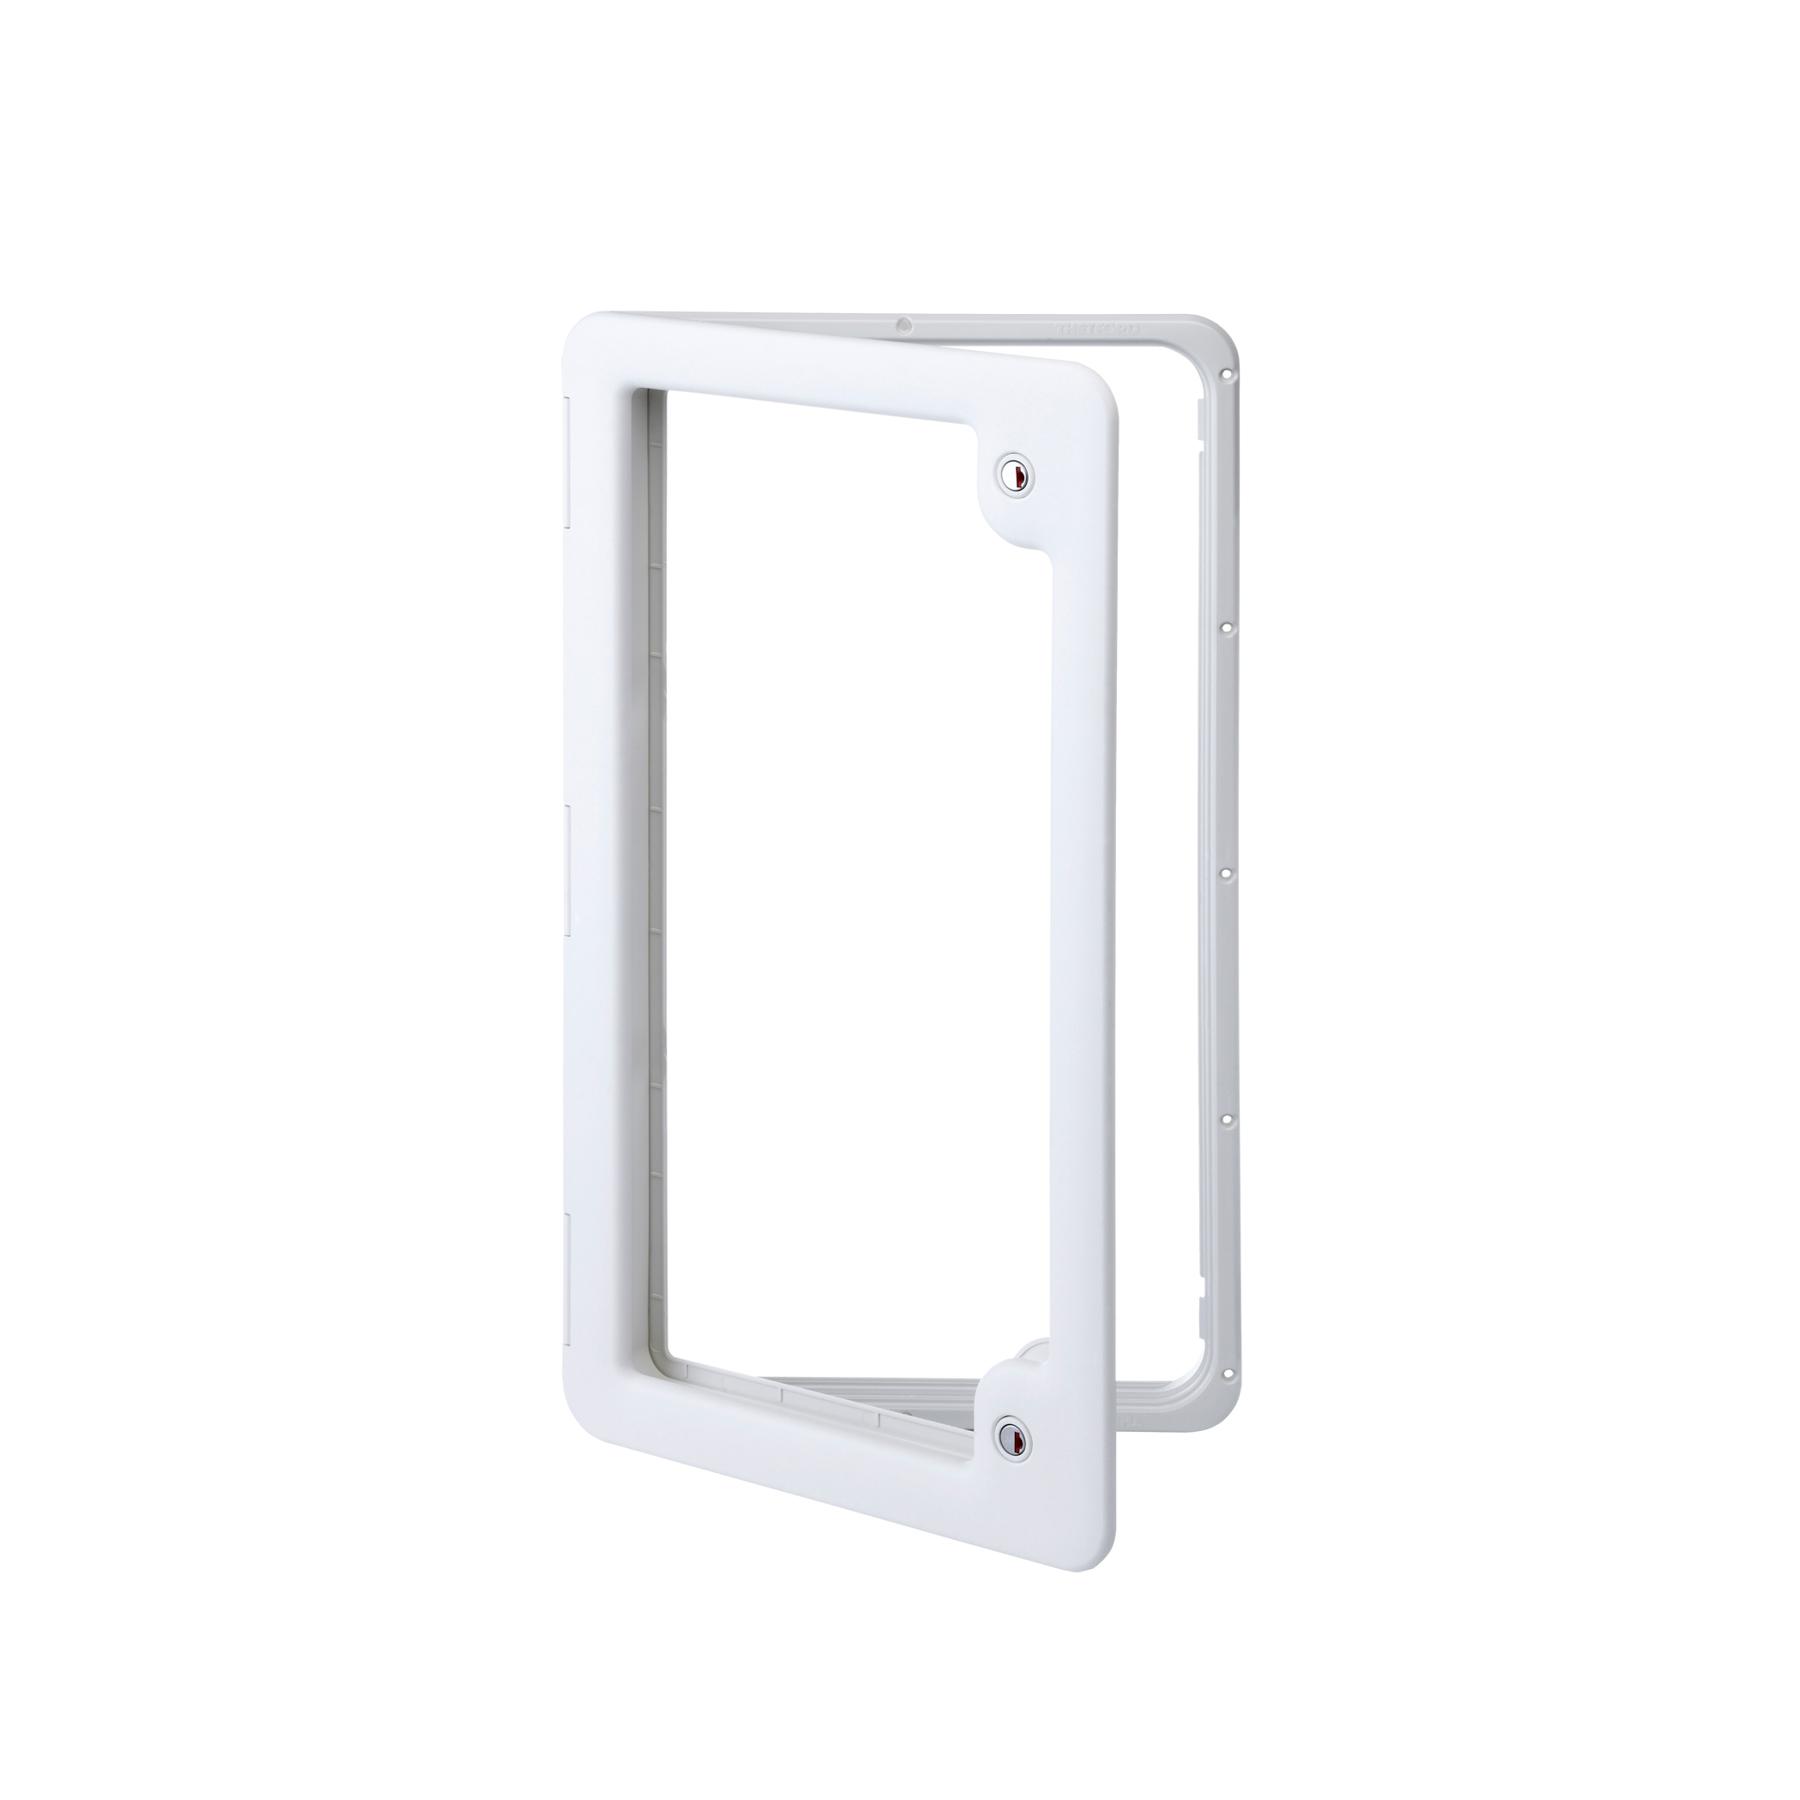 SERVICE DOOR 4 – LIGHT GREY/WHITE